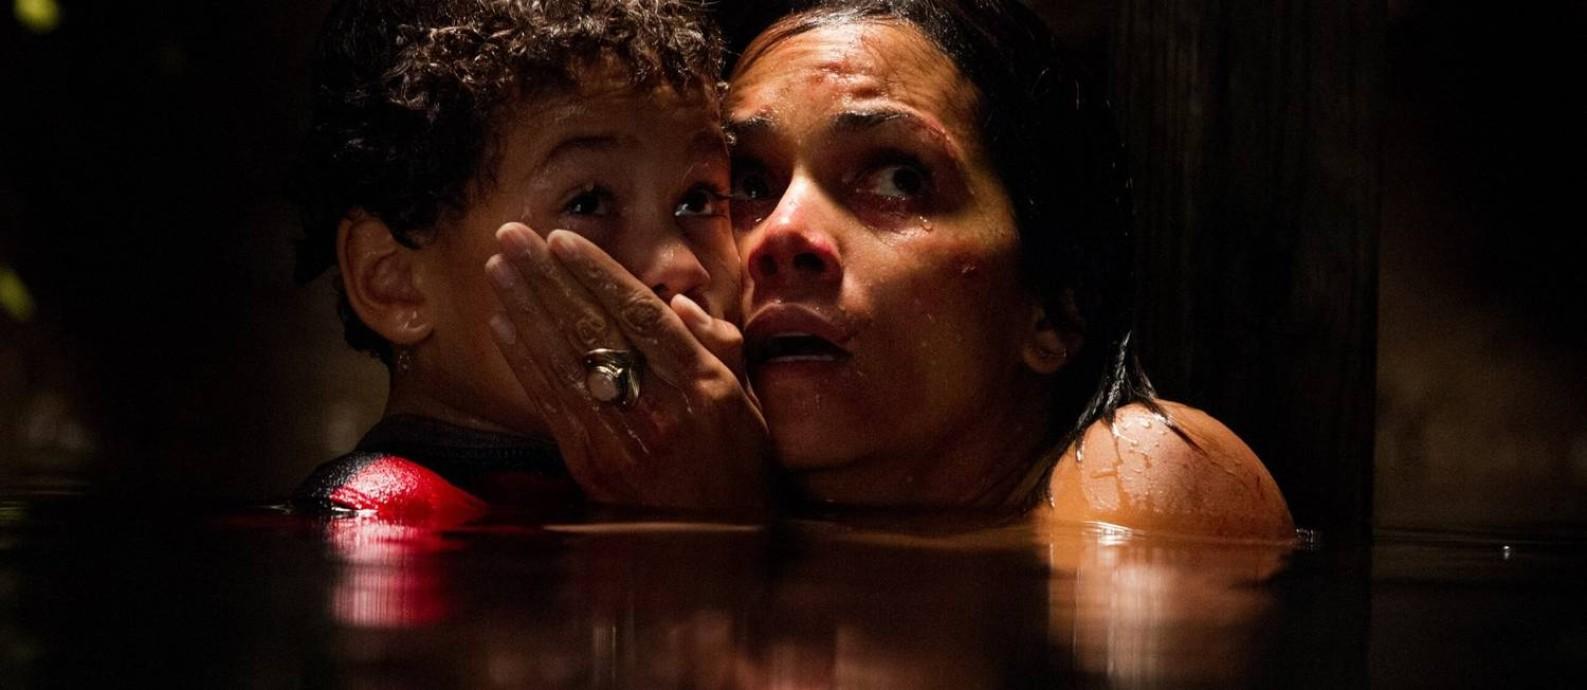 Cena do filme 'O sequestro' Foto: Reprodução